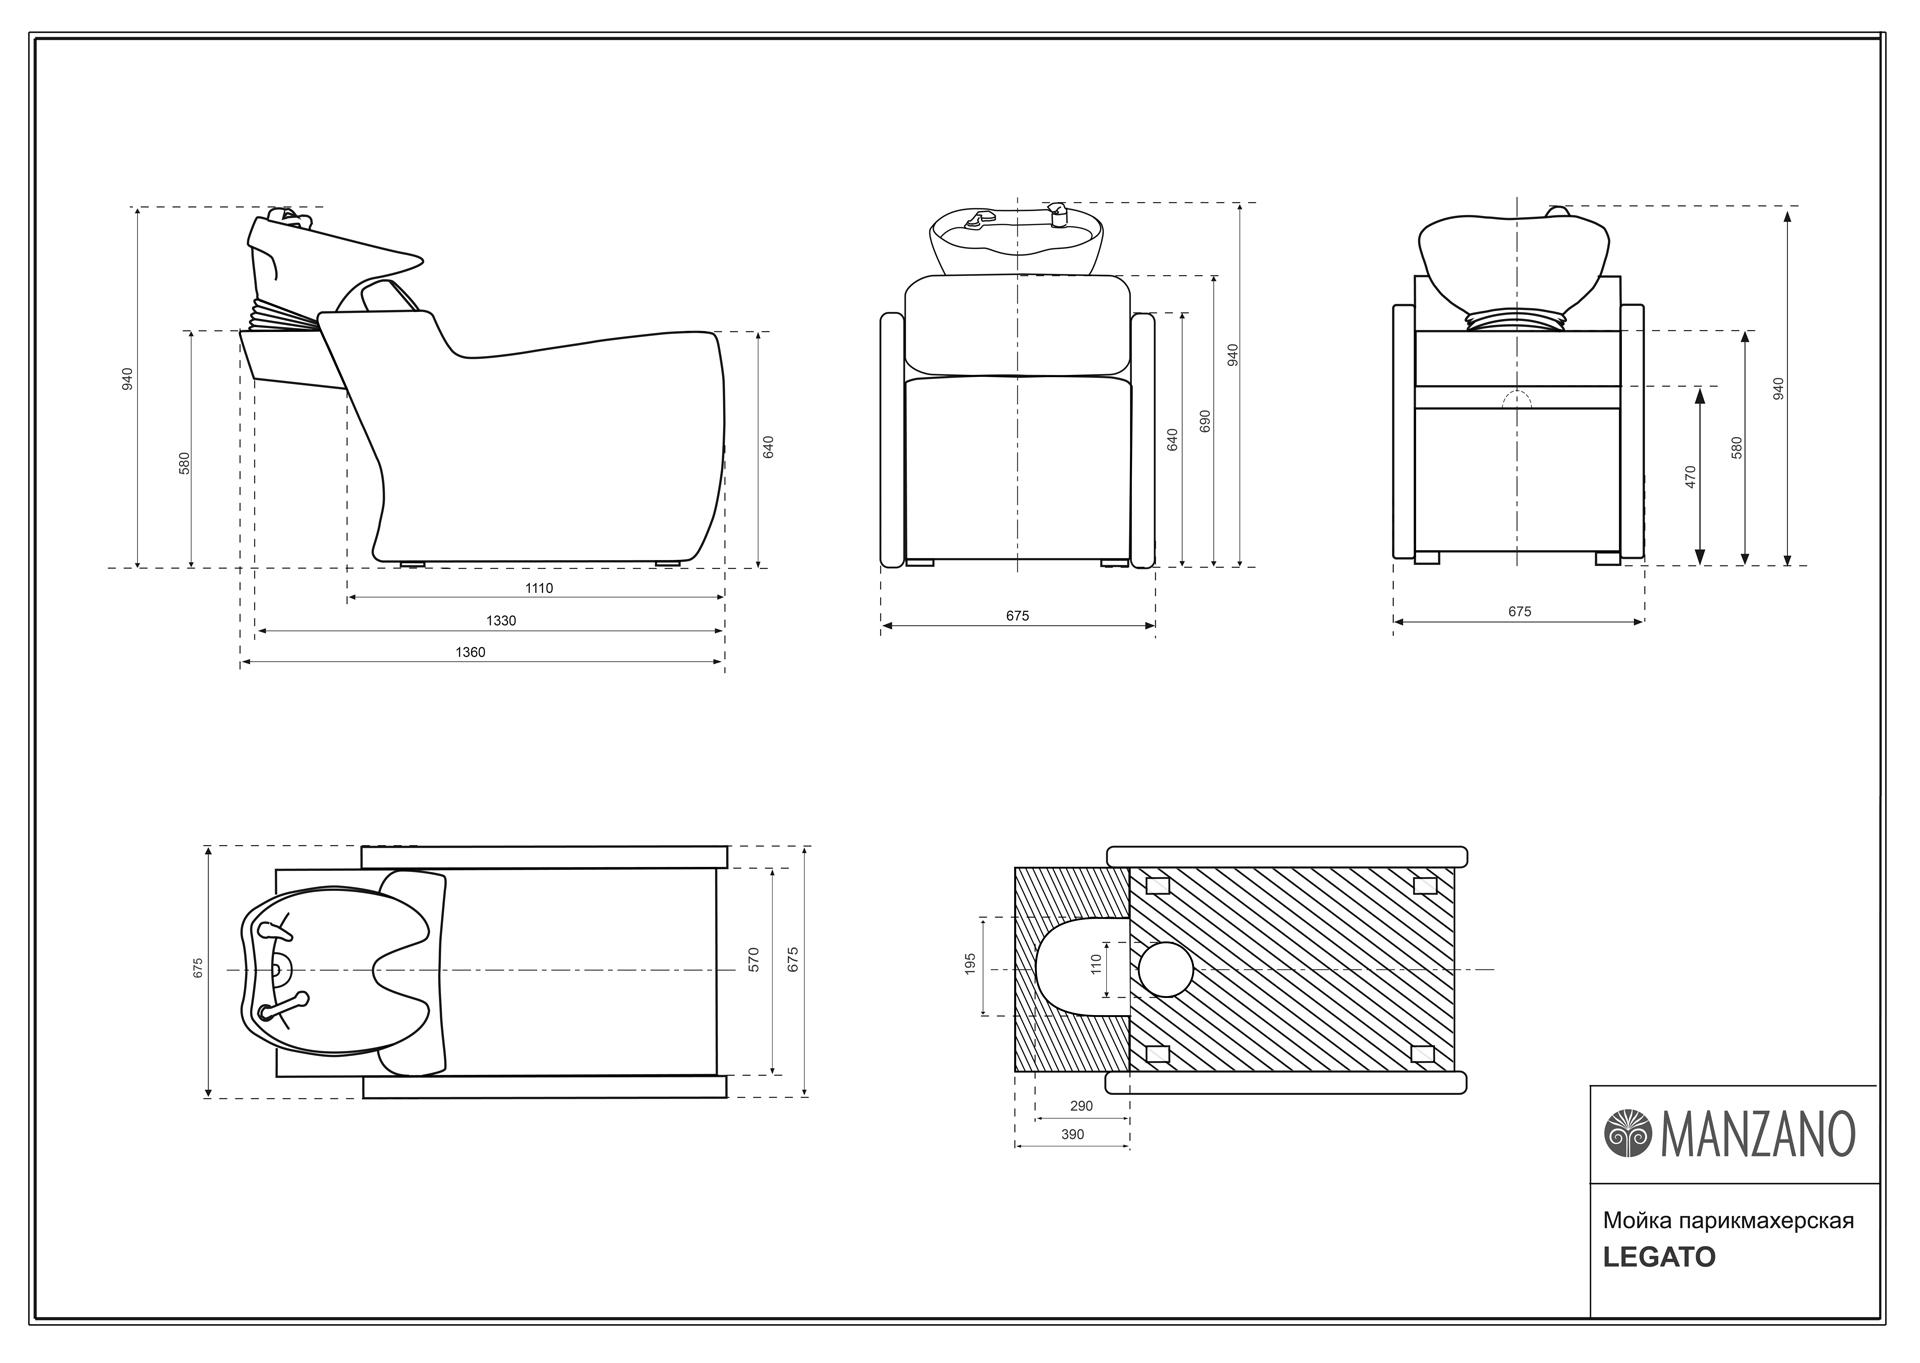 Парикмахерская мойка LEGATO - размеры